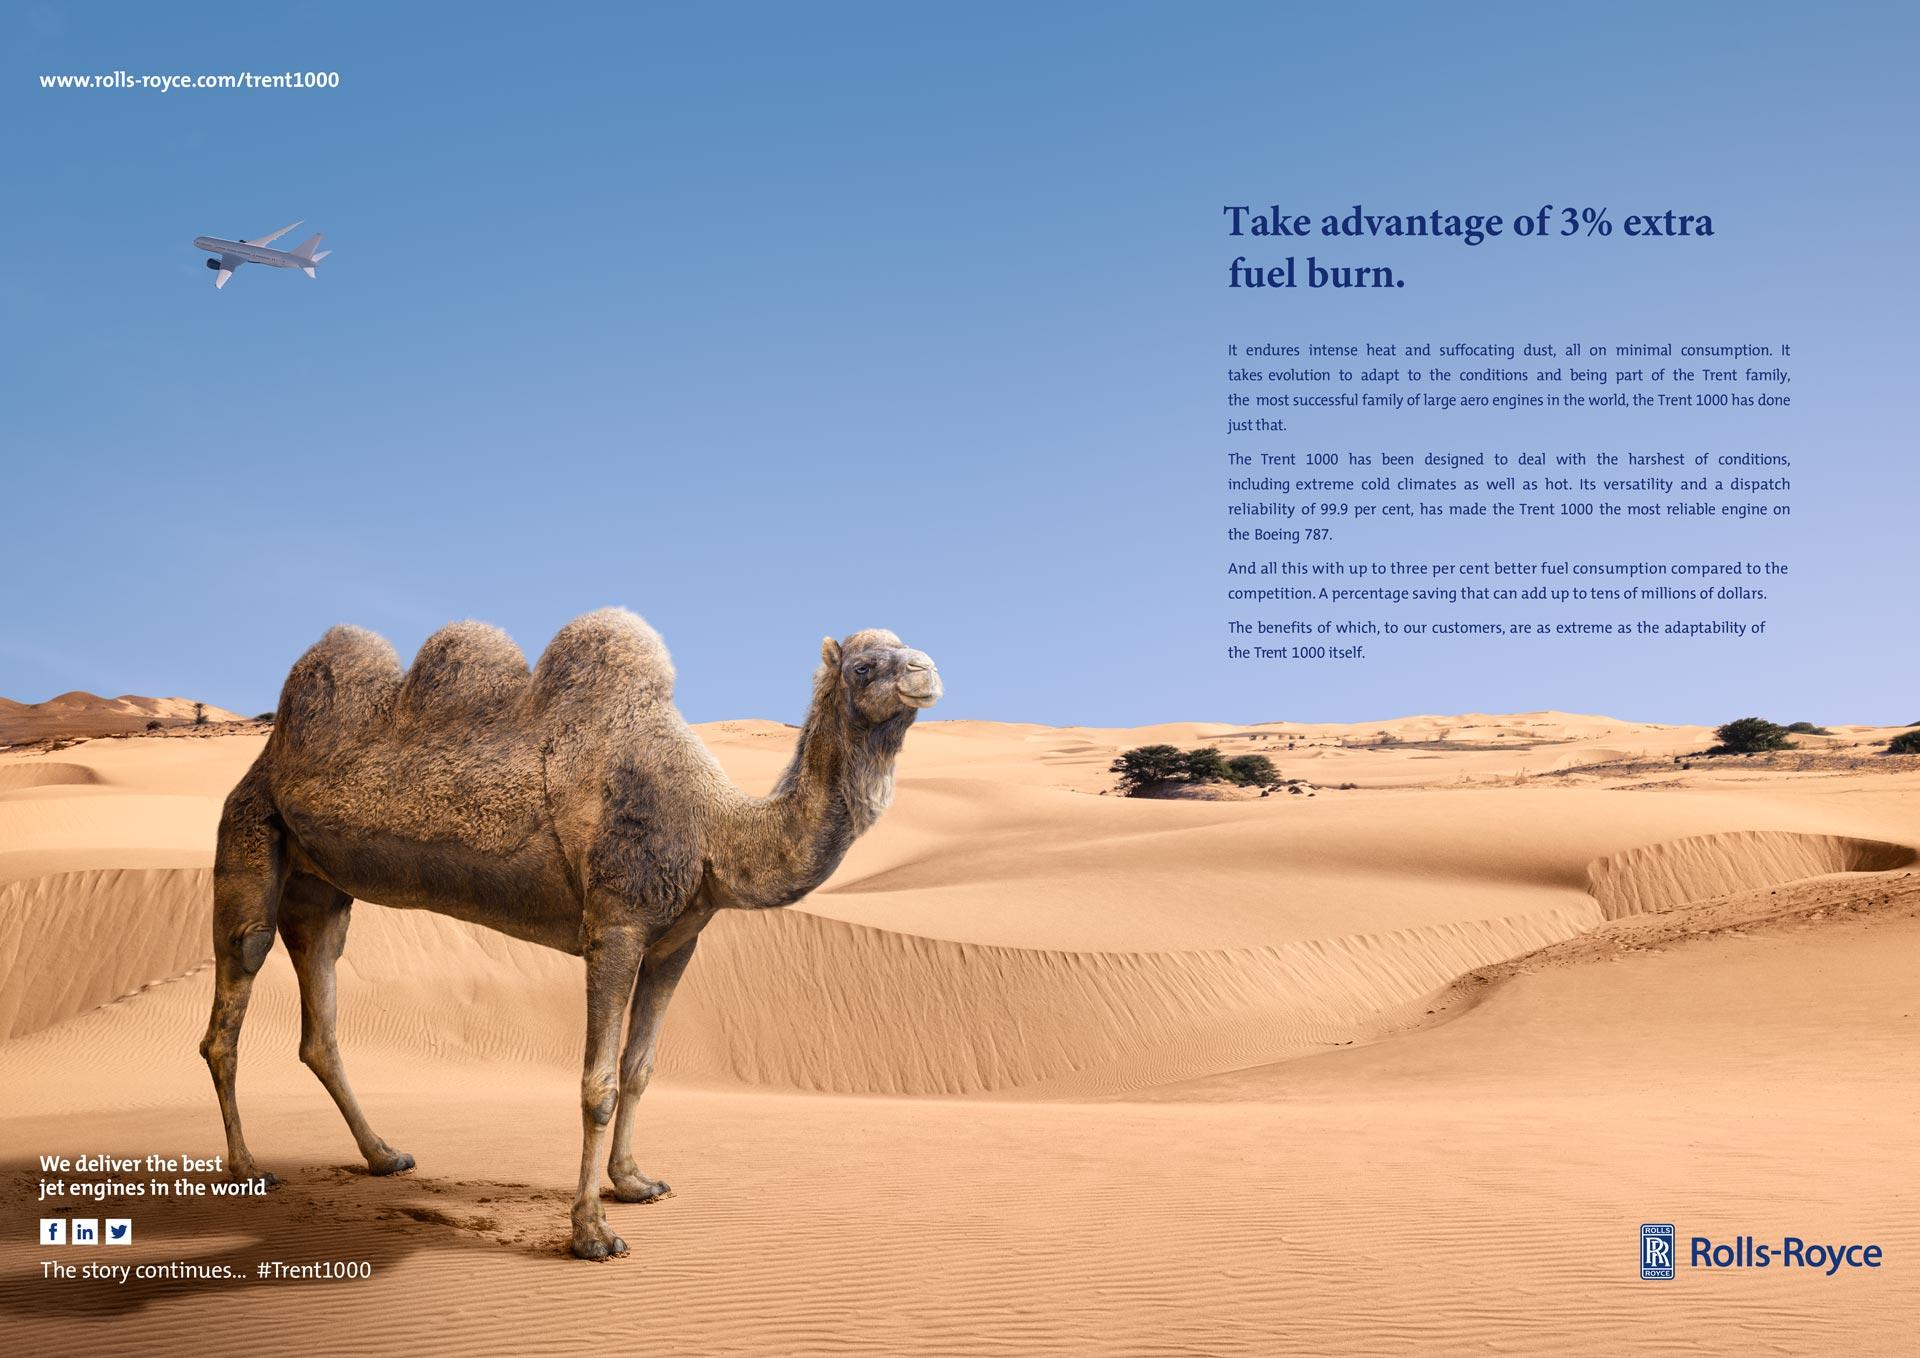 Matt_RR_Camel_3_Humps